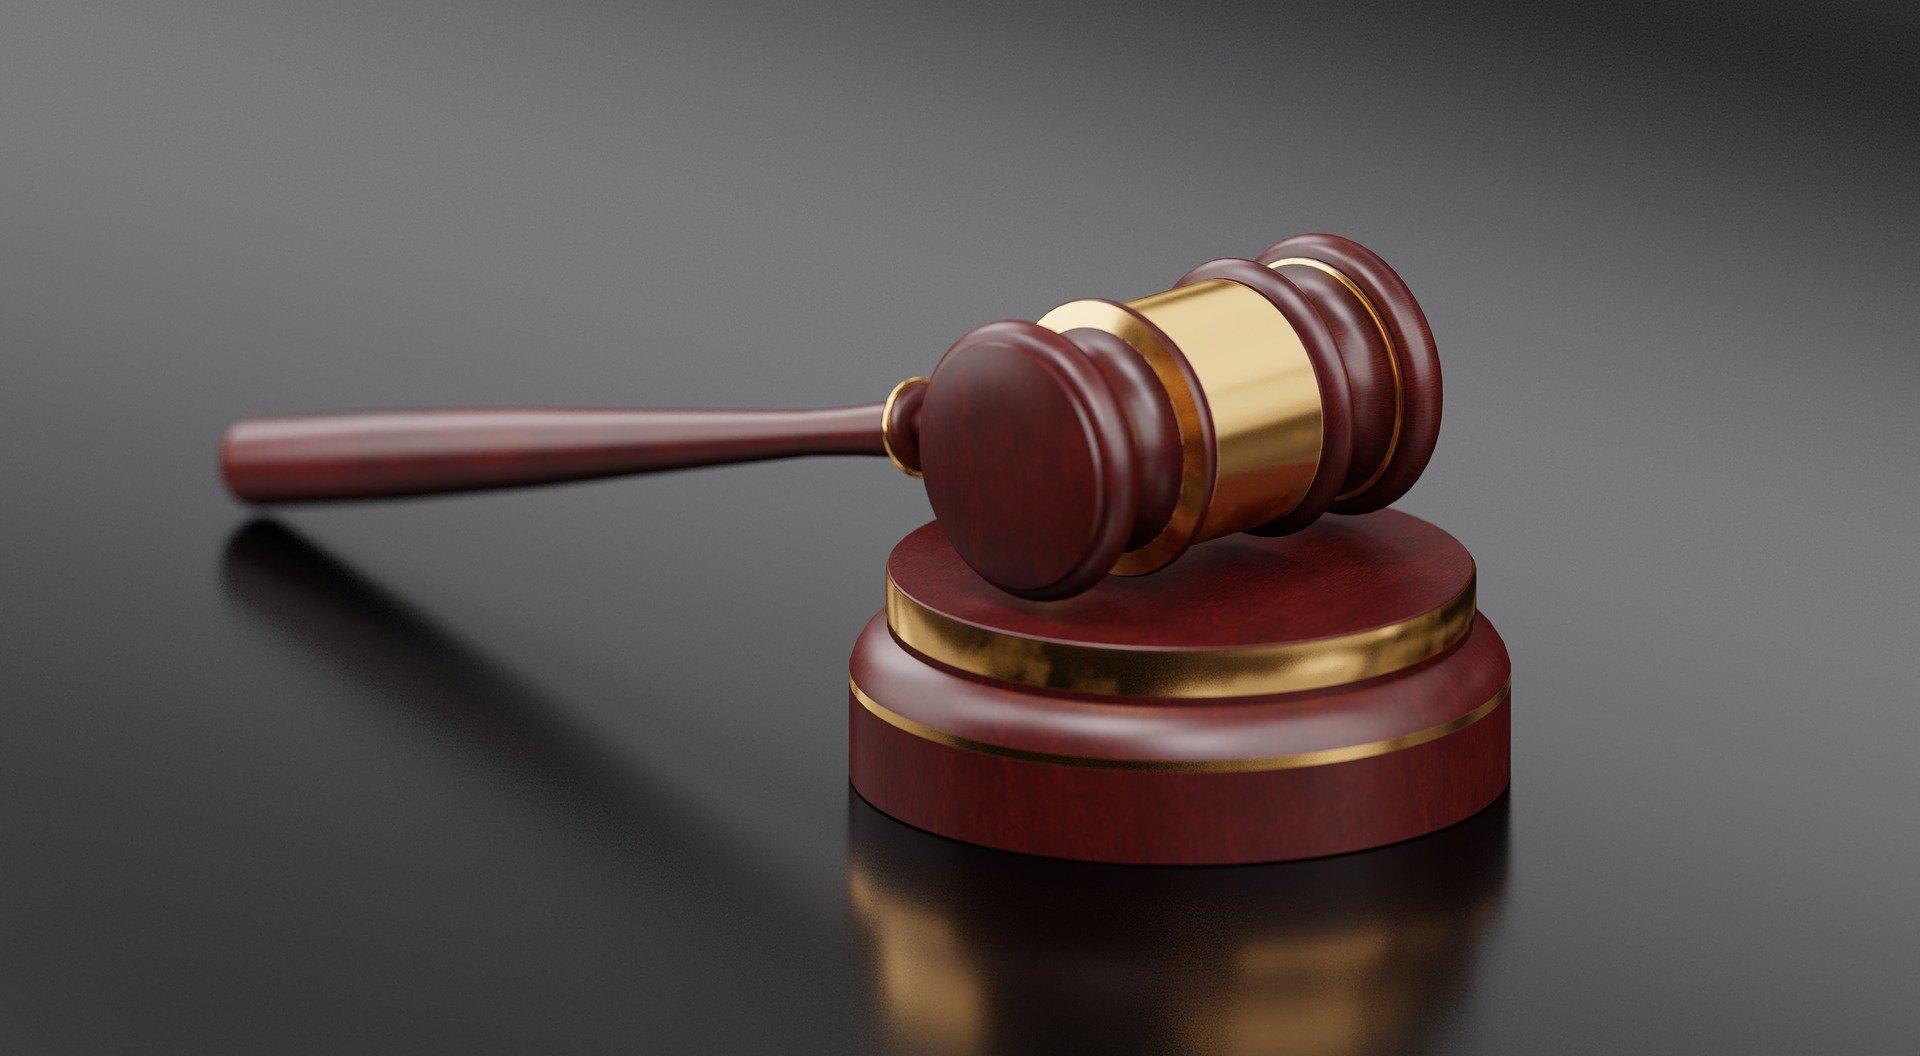 Ce que proposent les compagnies d'assurance de protection juridique en Suisse (2)